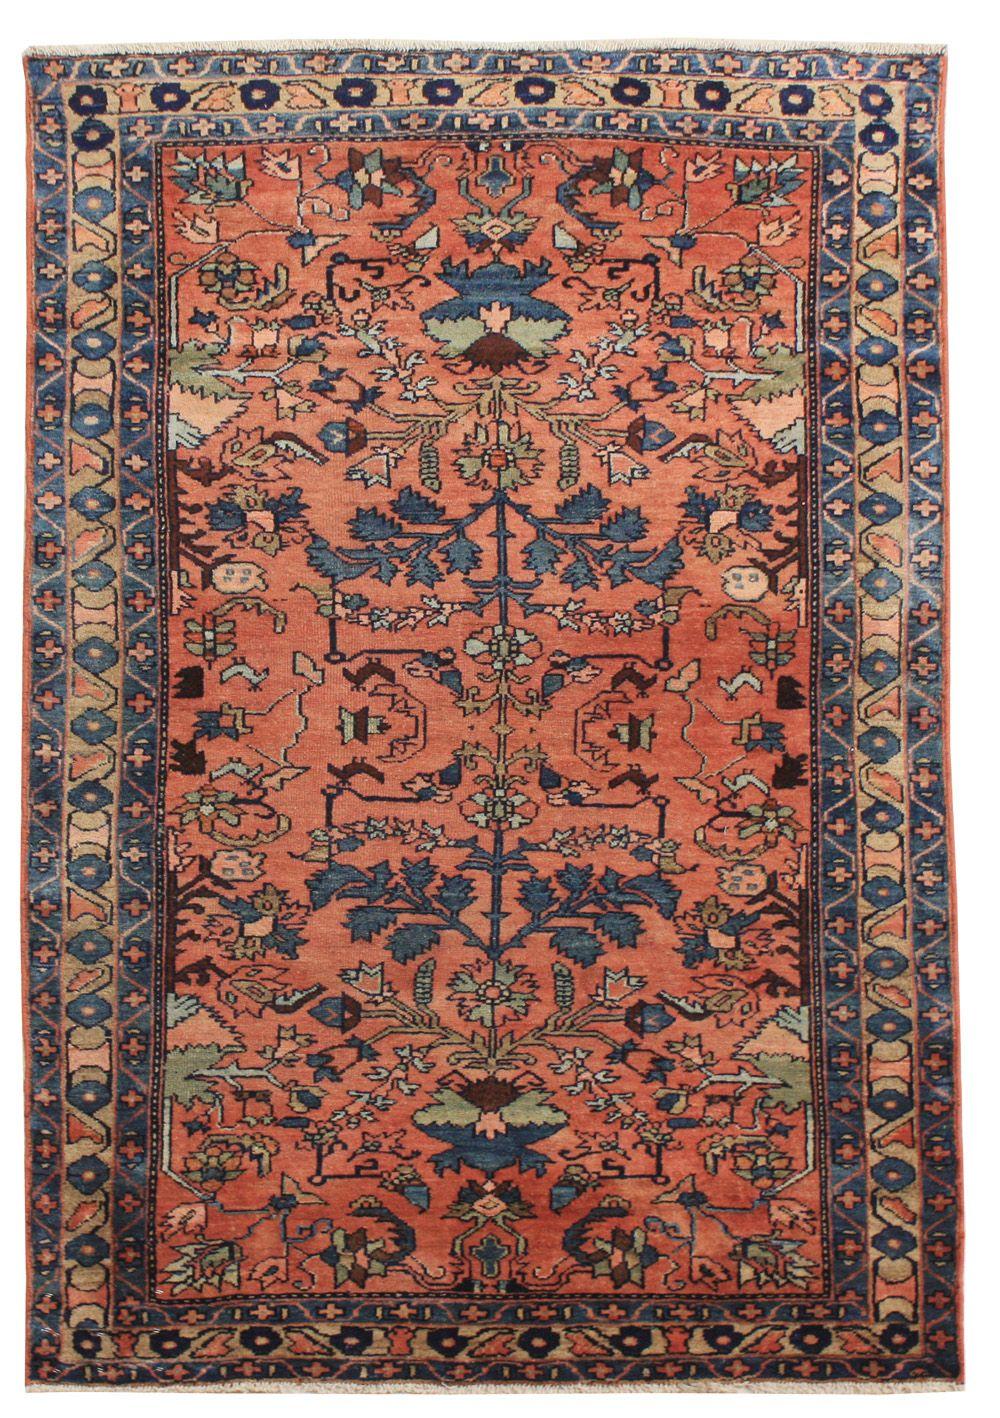 Cod. 7872 Lilian antico 150x105, tappeto persiano, antique